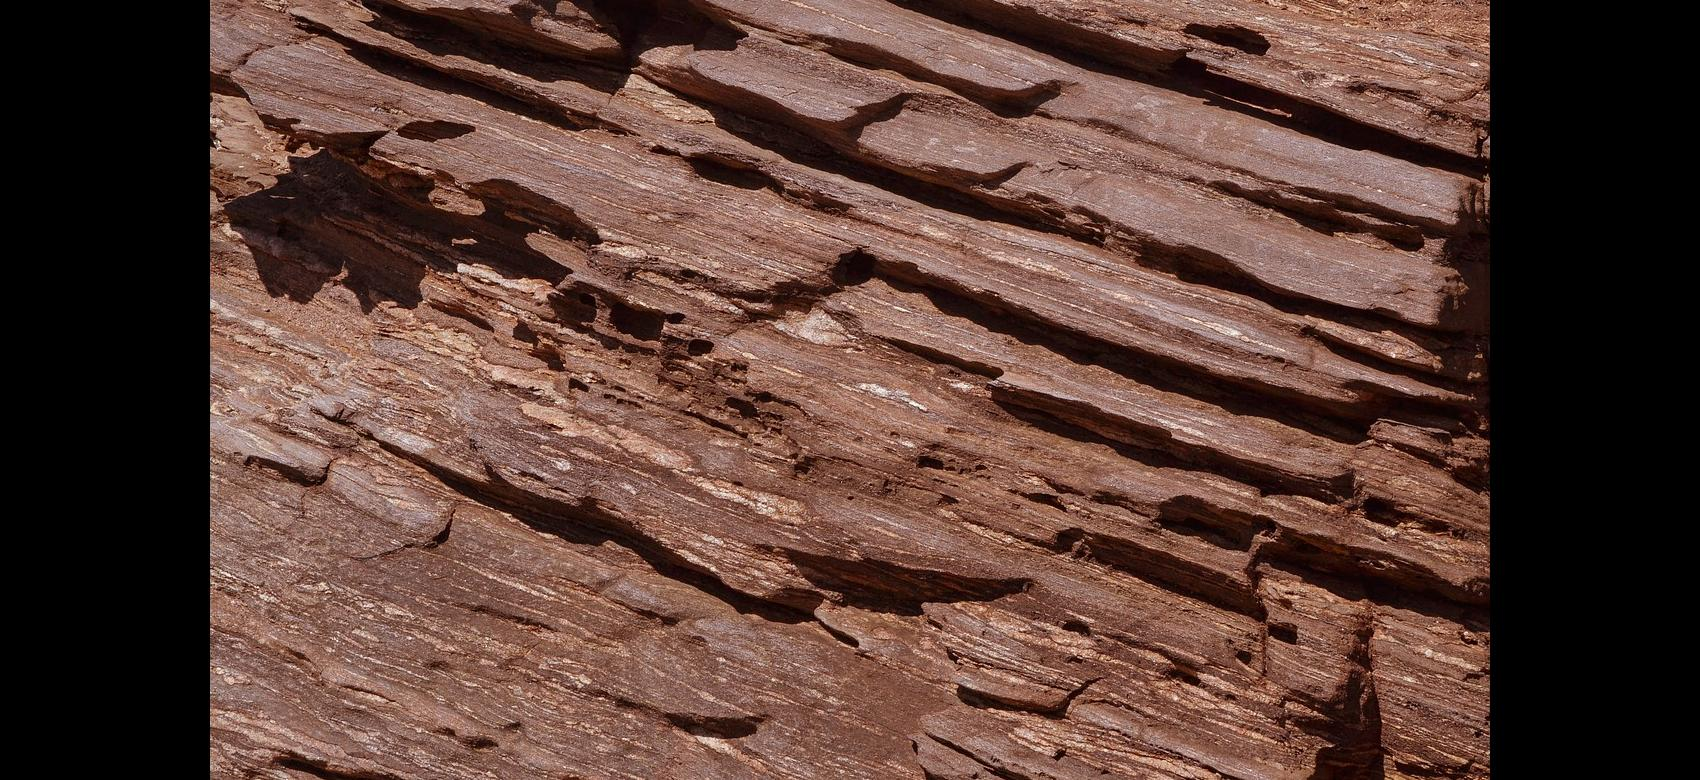 Detalle del tronco de un árbol